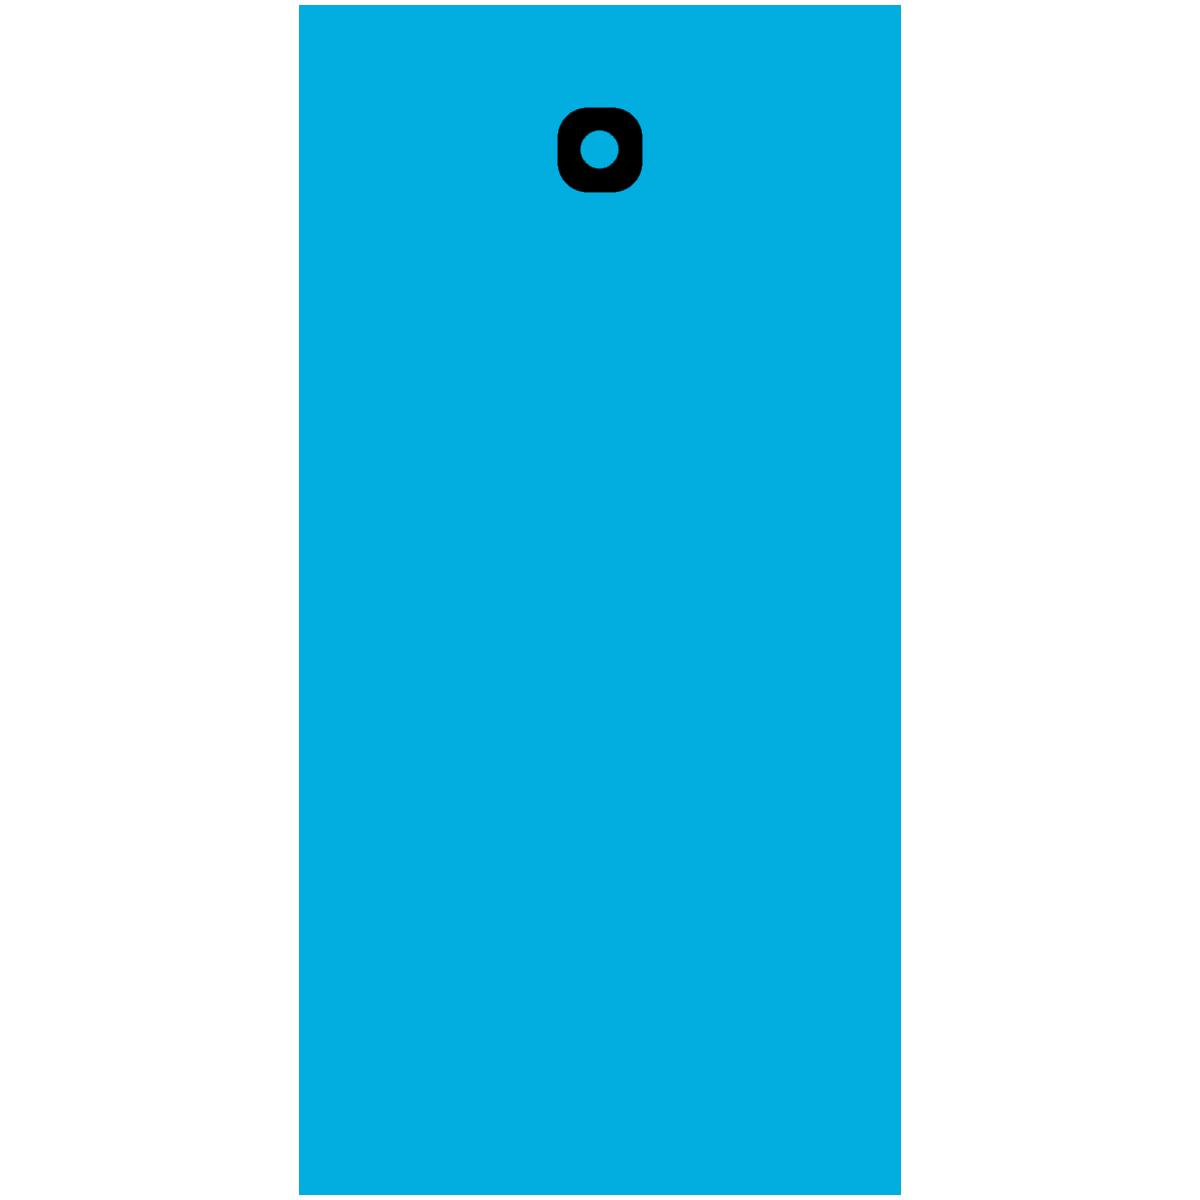 Iphone Screen Repair Citrus Heights Ca